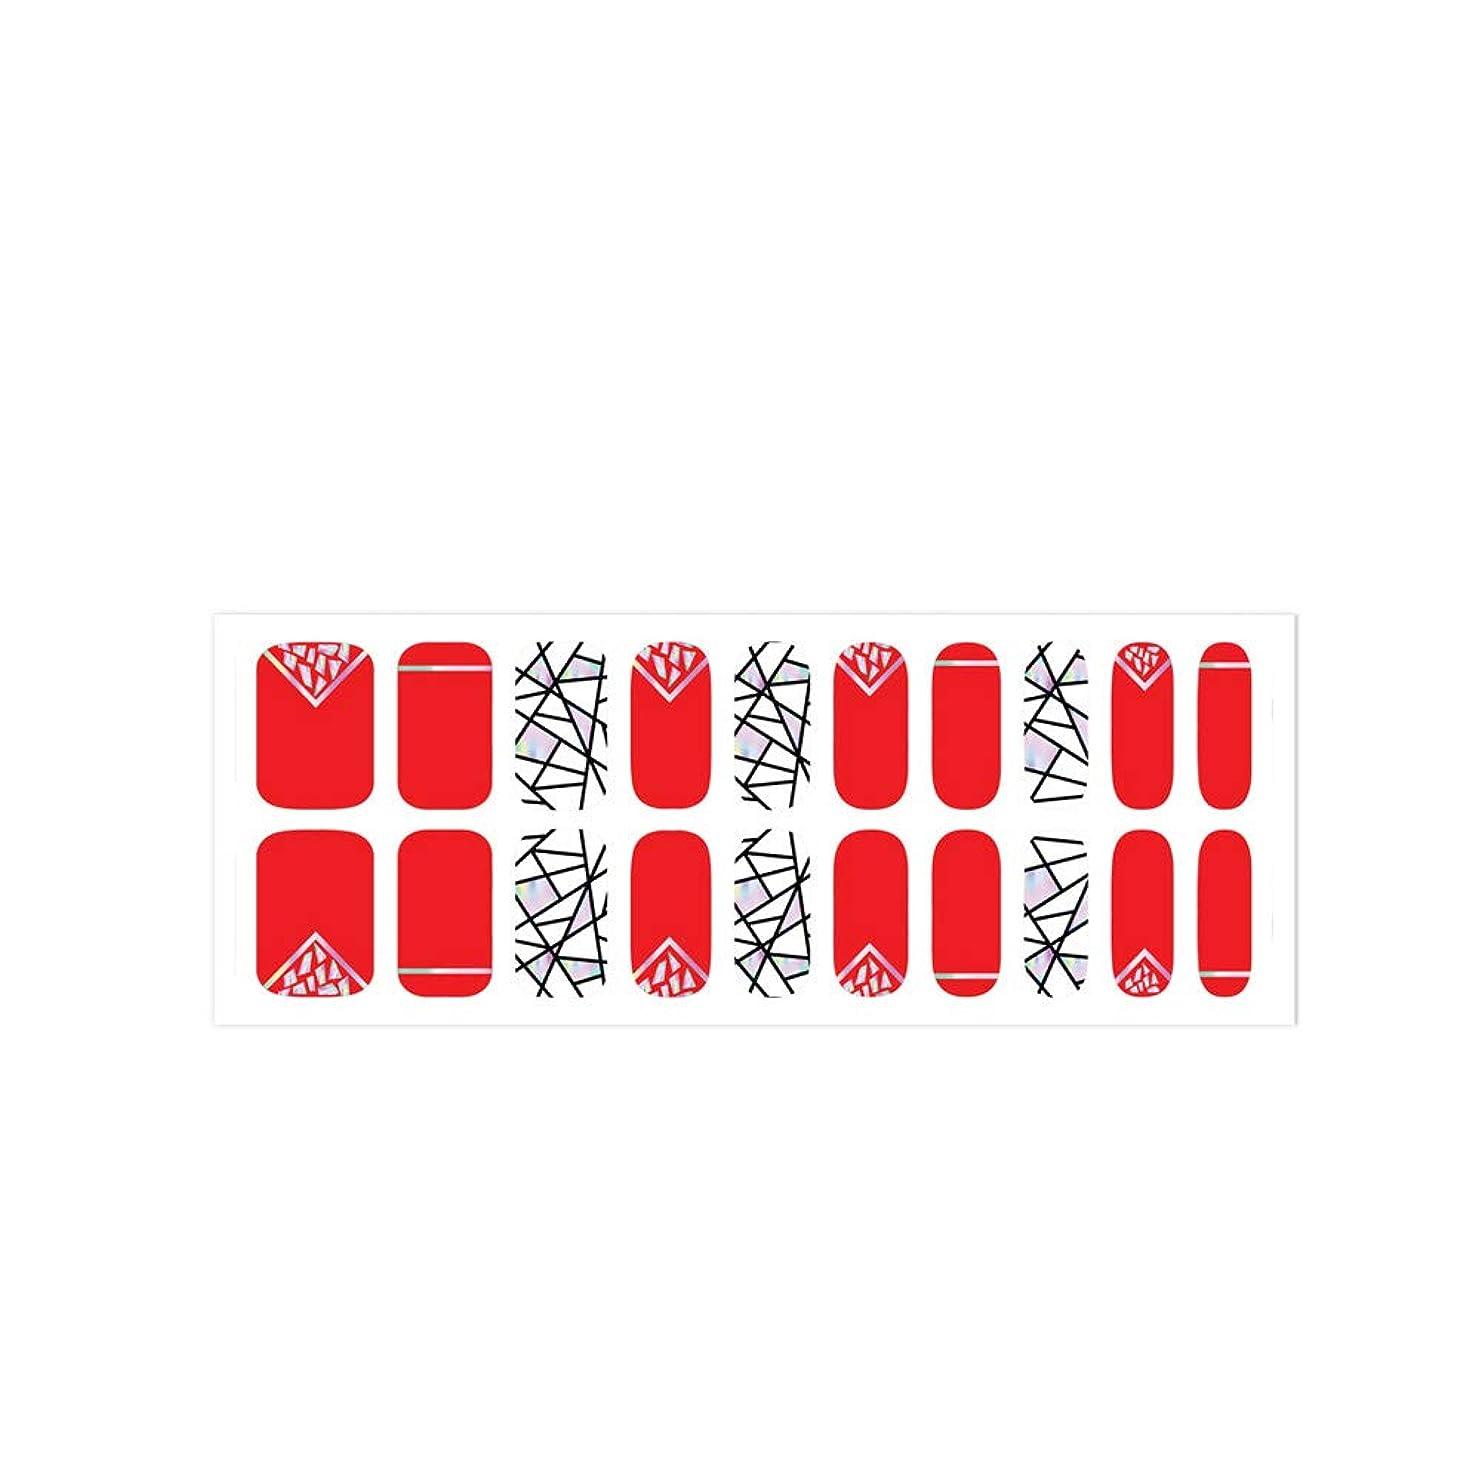 電卓類人猿宇宙船爪に貼るだけで華やかになるネイルシート! 簡単セルフネイル ジェルネイル 20pcs ネイルシール ジェルネイルシール デコネイルシール VAVACOCO ペディキュア ハーフ かわいい 韓国 シンプル フルカバー ネイルパーツ シール フラワー クリア ラインテープ ツートン おしゃれ (broken glass(レッド))